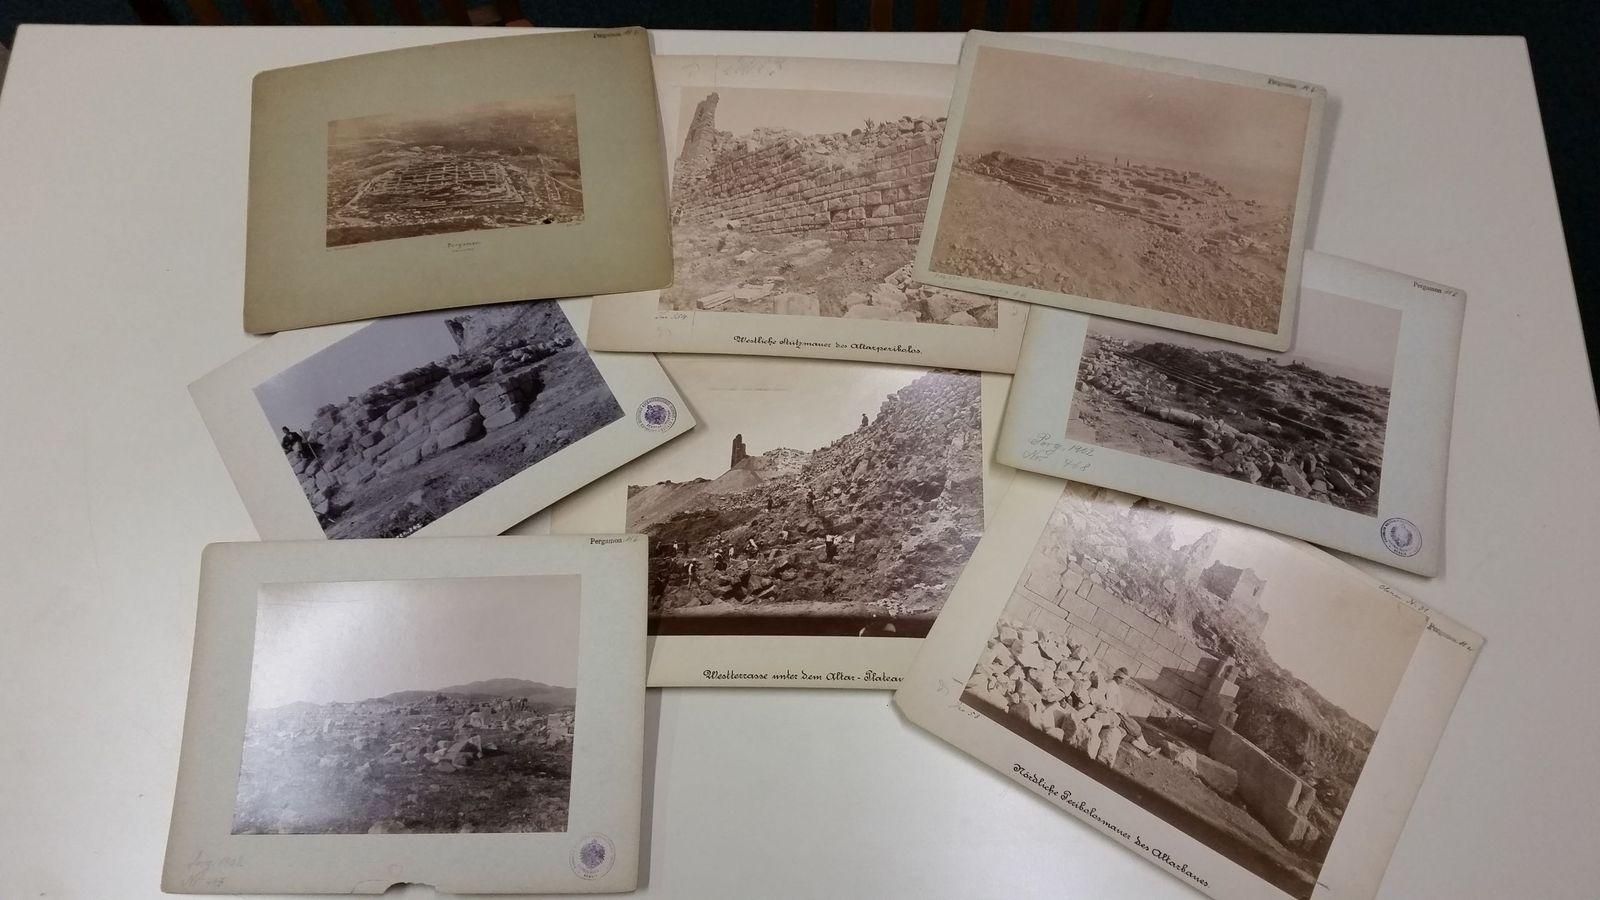 Auslage verschiedener Foto-Objekte von Pergamon. Foto Petra Wodtke